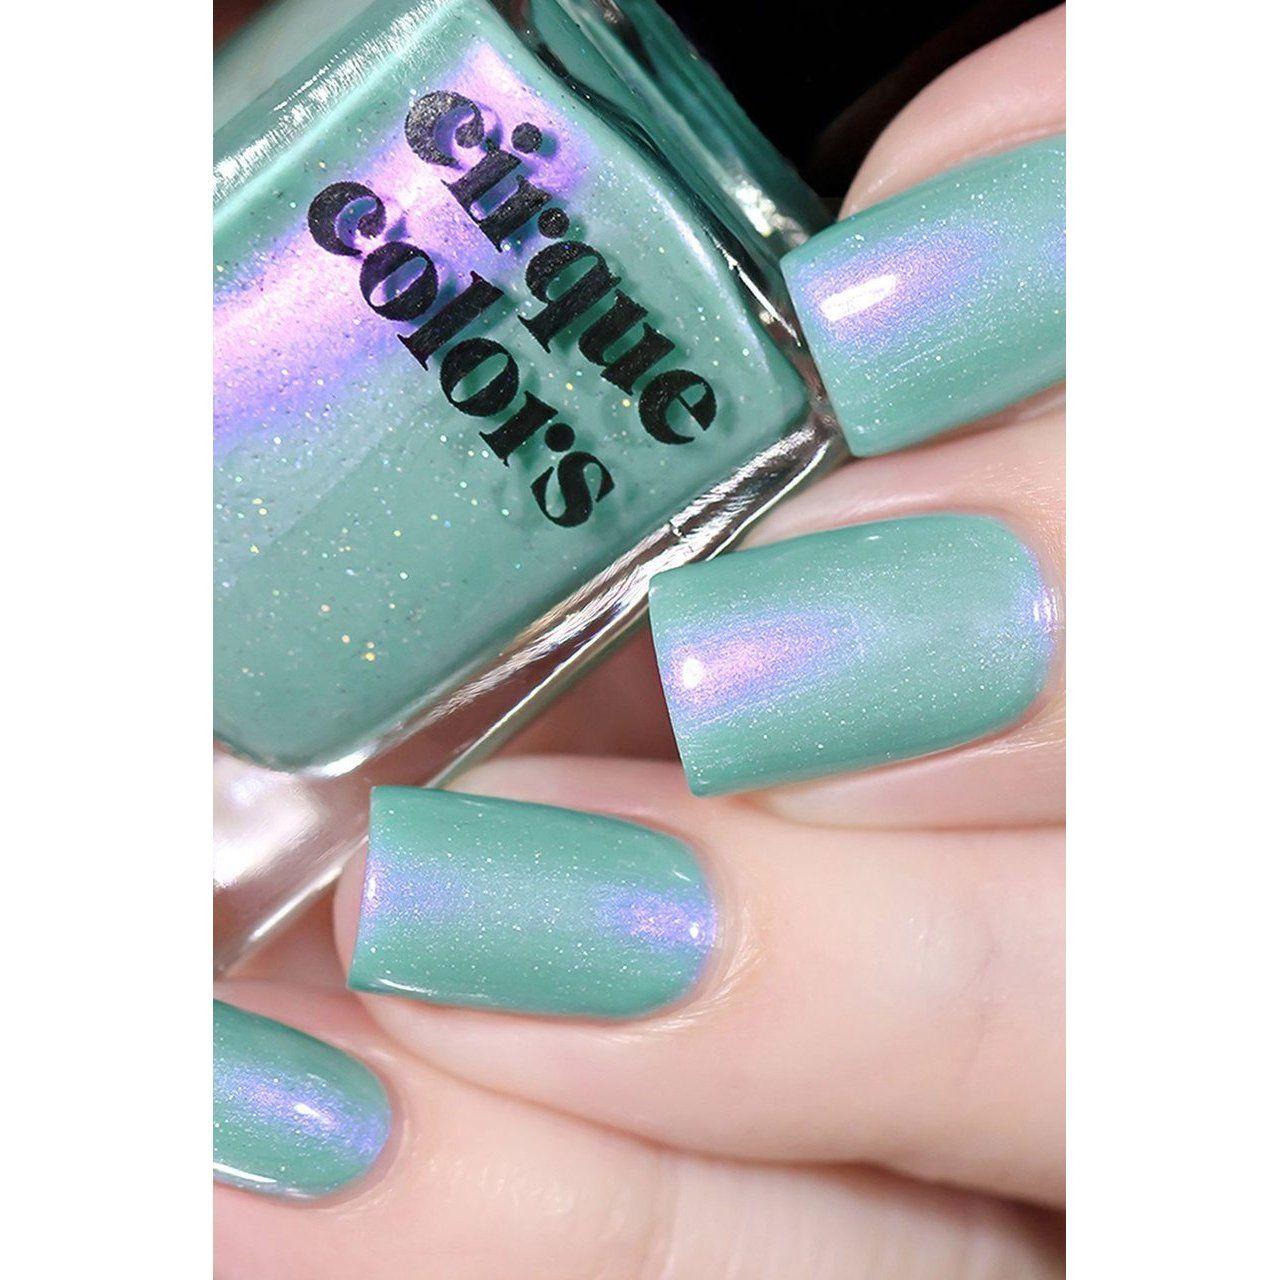 Cirque Colors Nail Polish Paradiso 0 37 Oz In 2021 Mint Green Nails Mint Green Nail Polish Iridescent Nail Polish